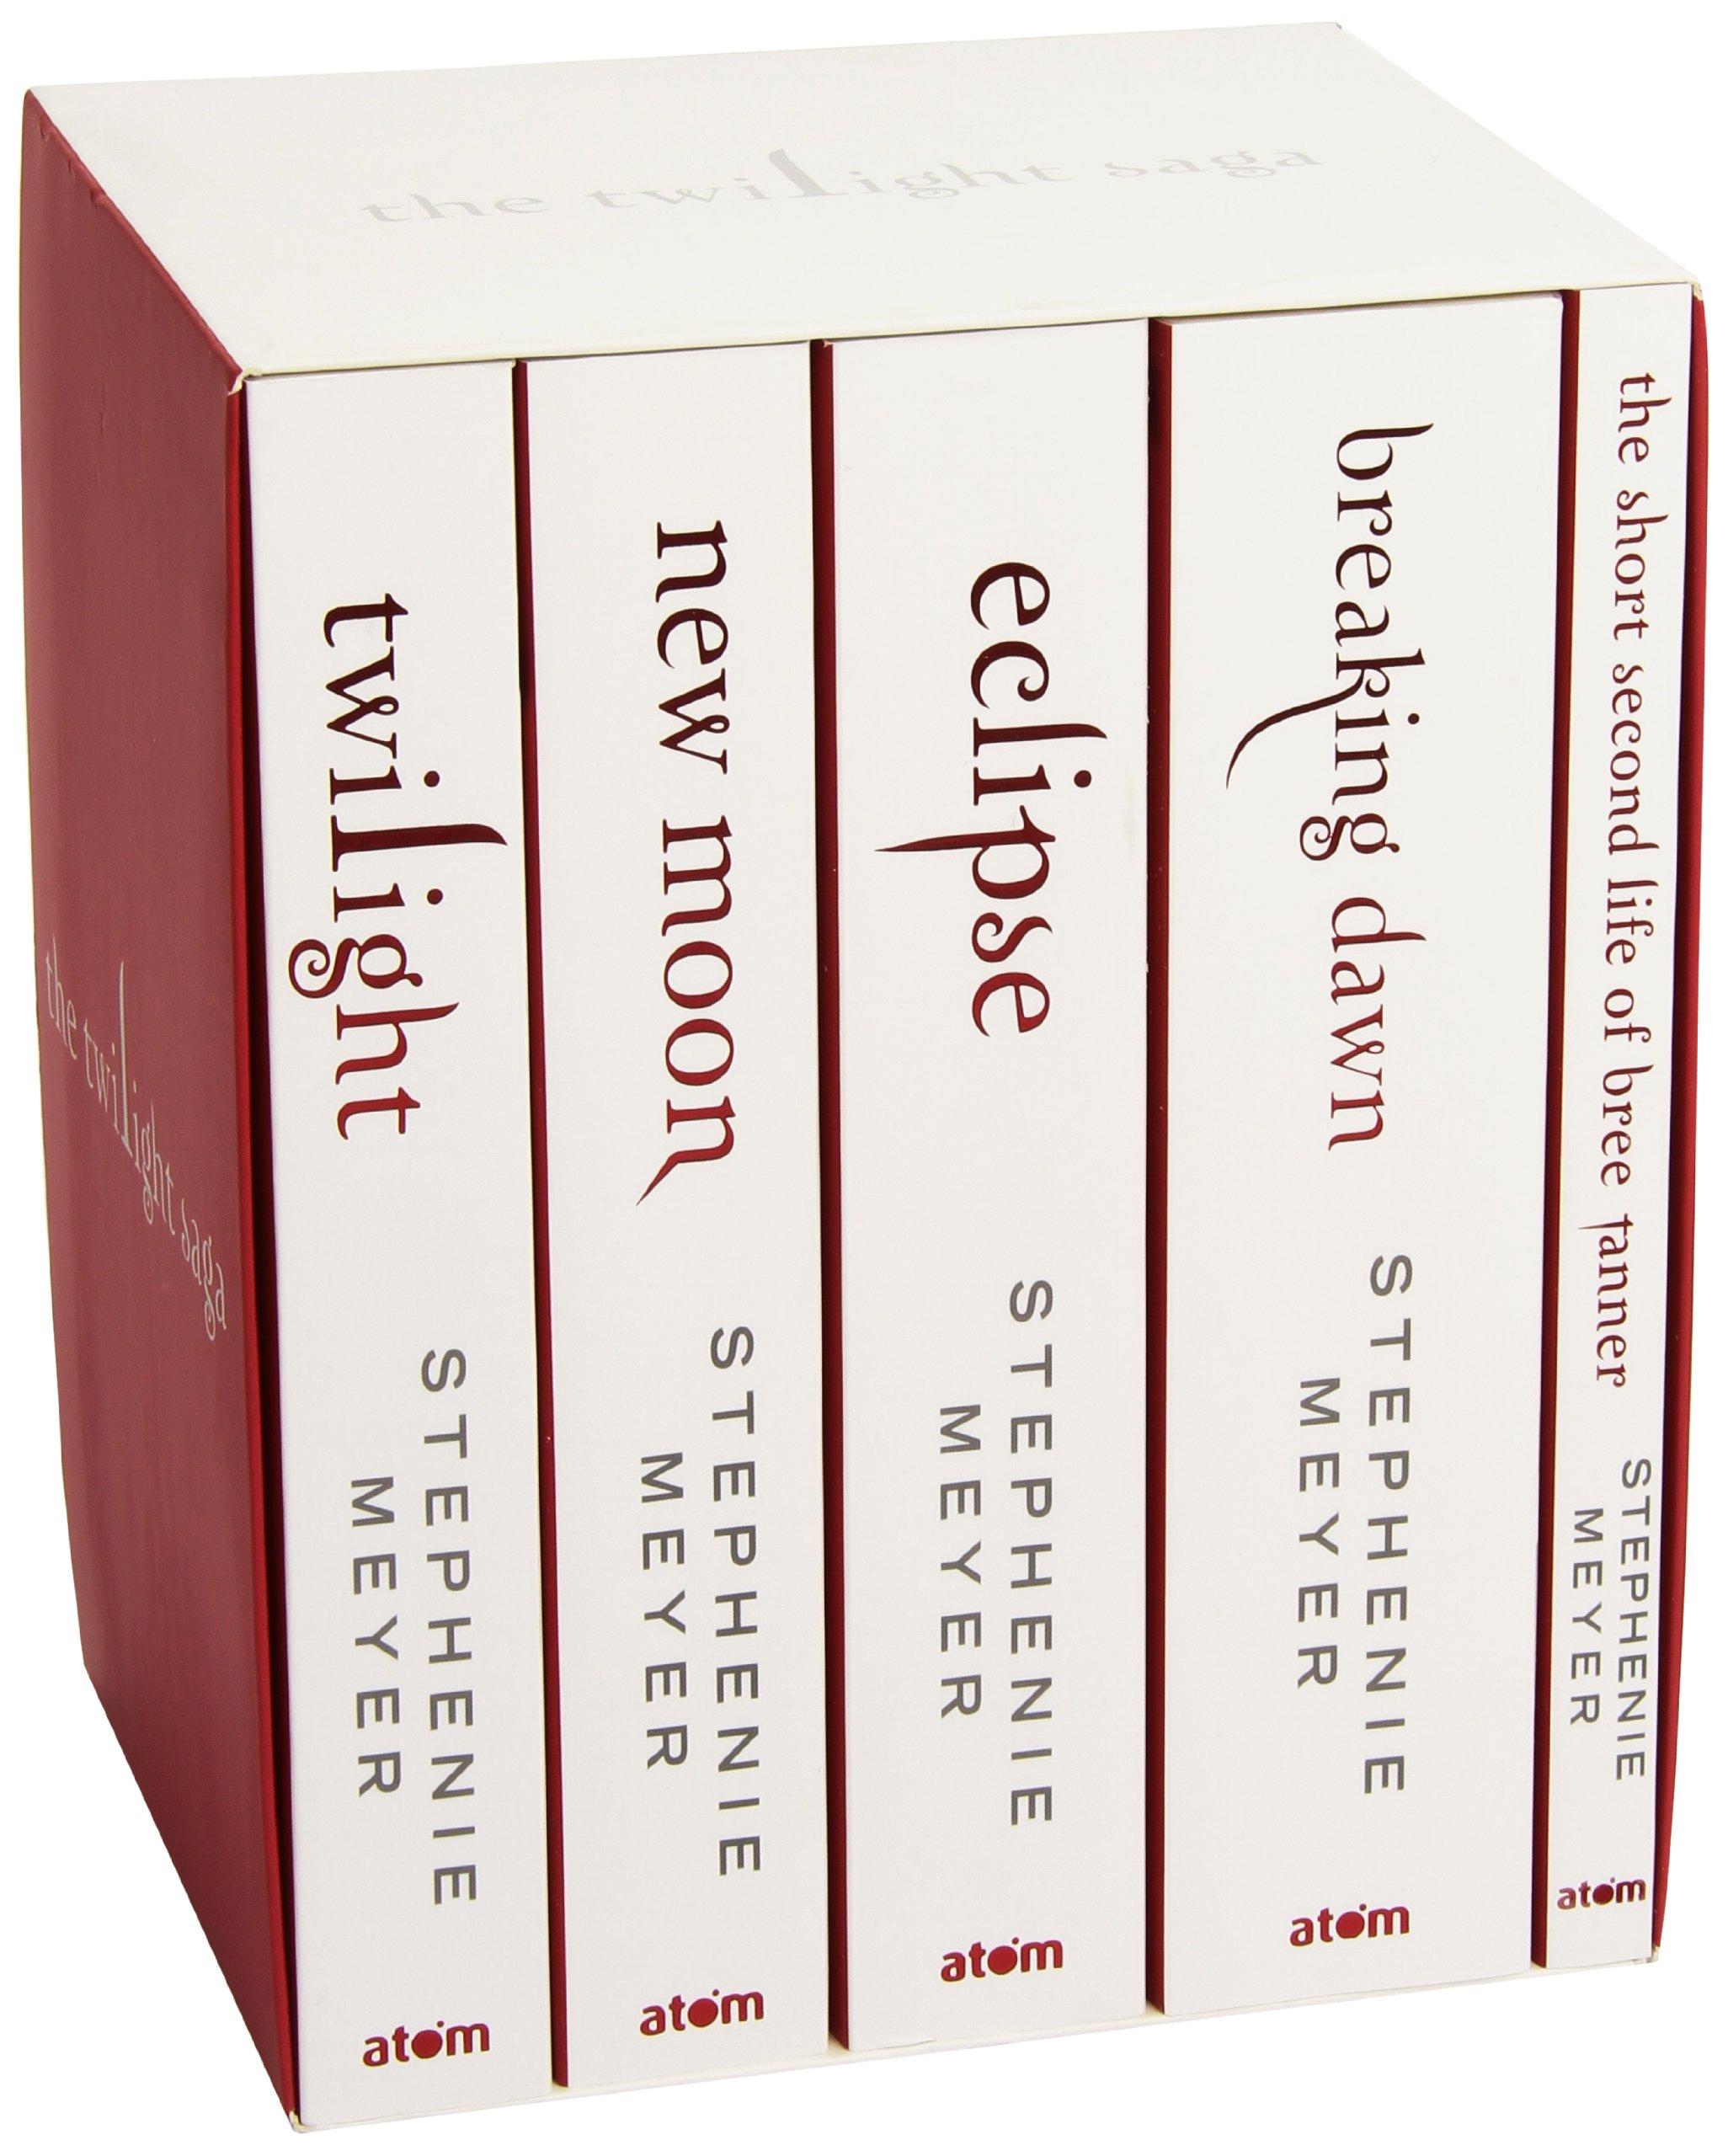 Twilight Saga 5. Book Set: Amazon.es: Meyer, Stephenie: Libros en ...